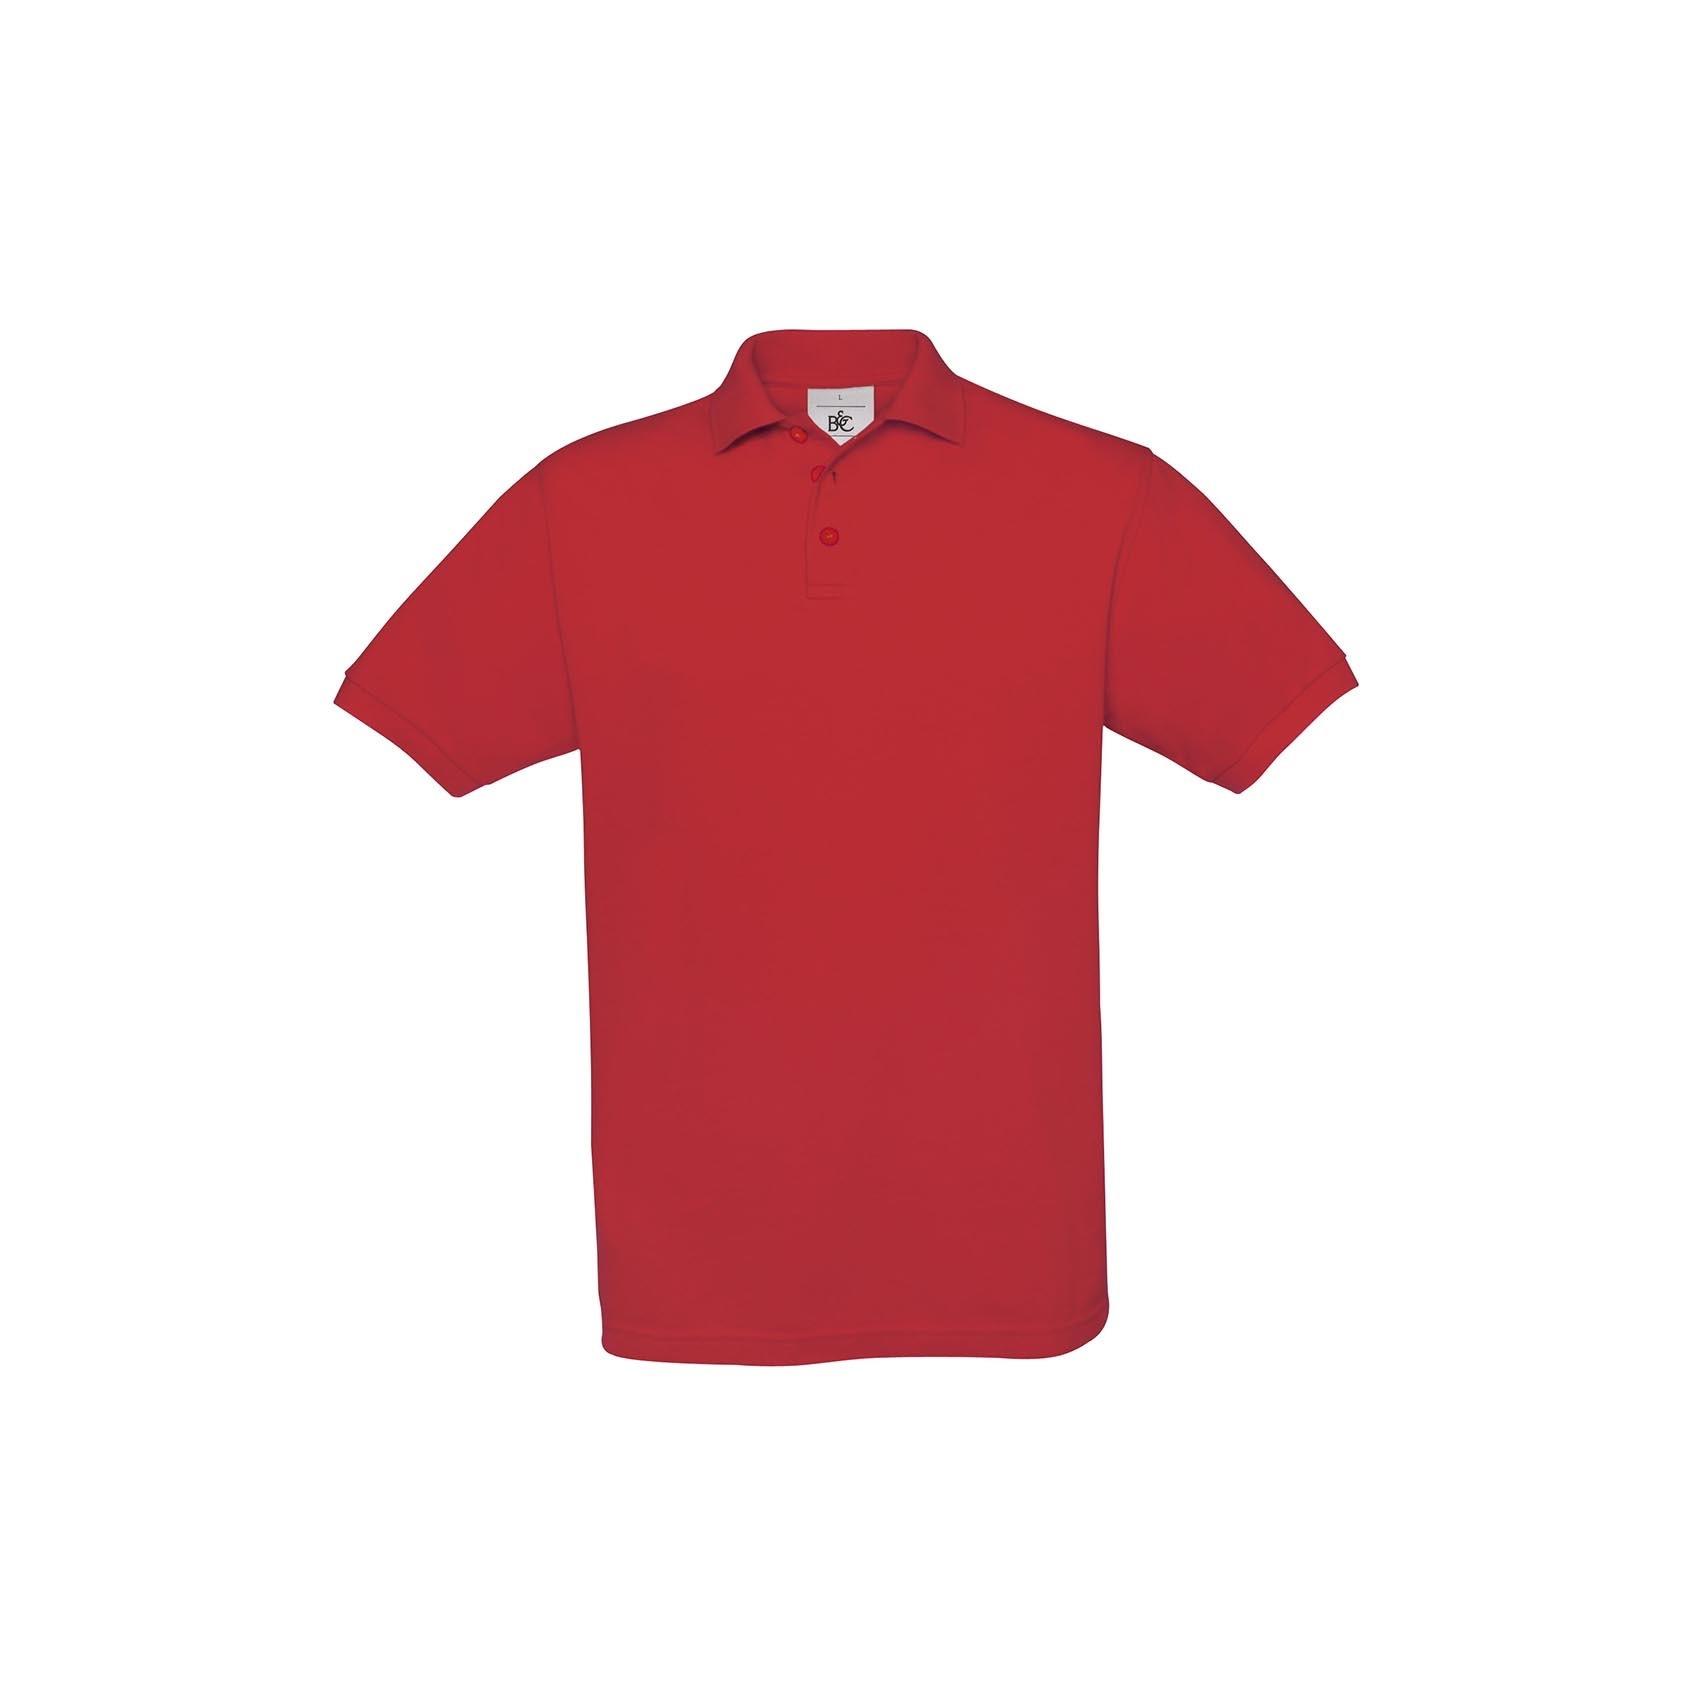 Piqu/é Poloshirt Safran B/&C